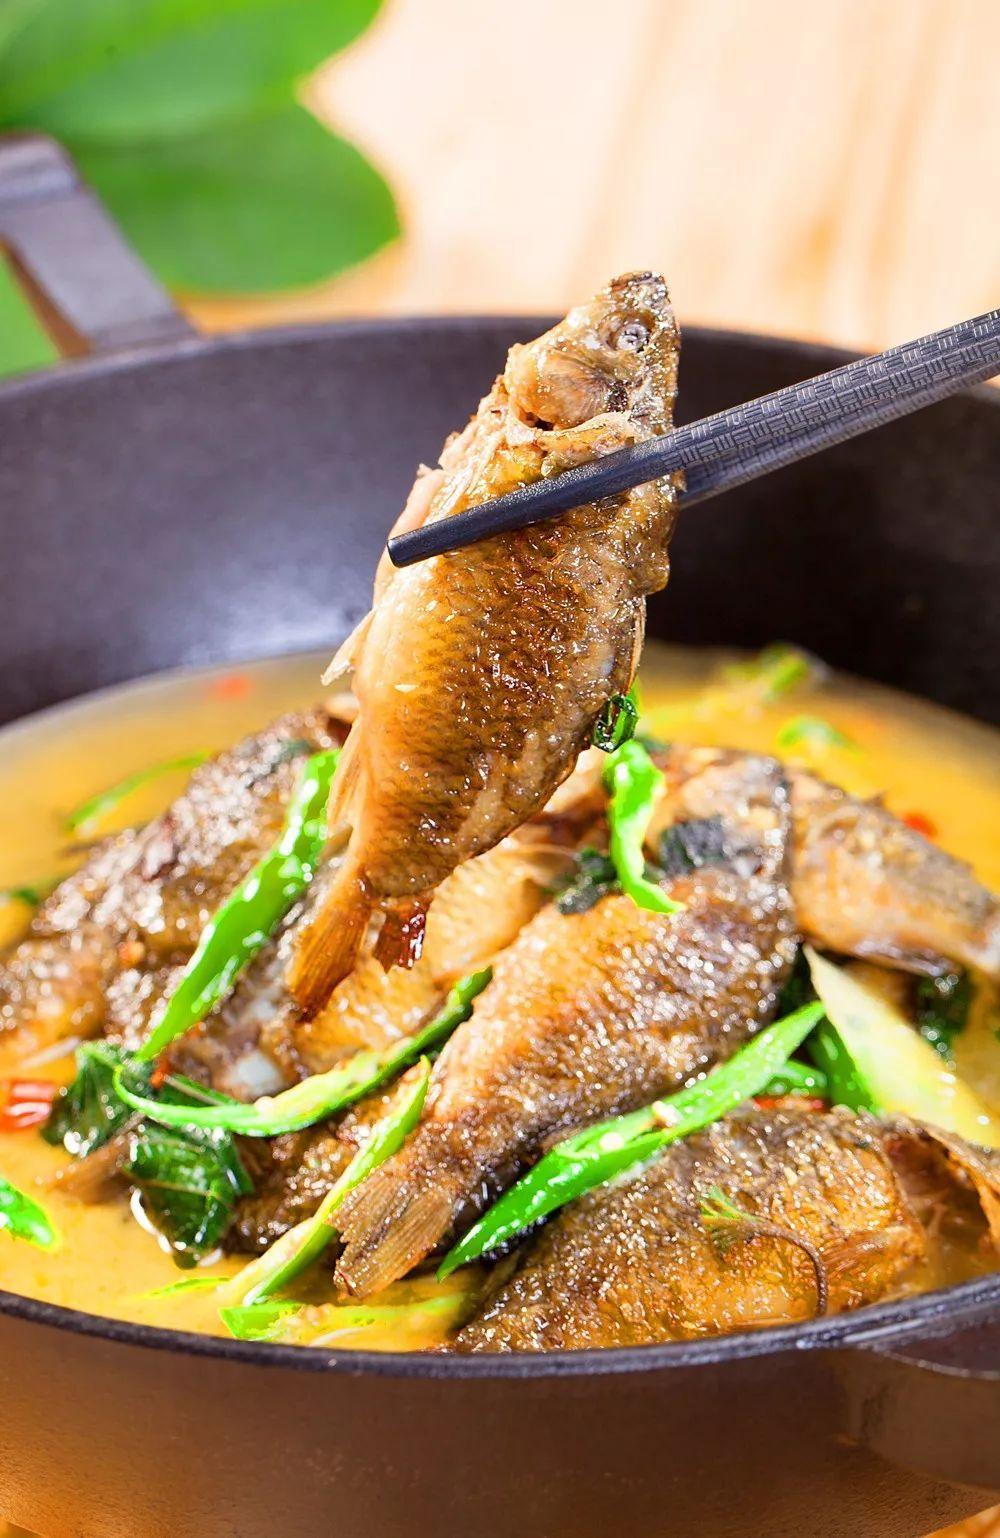 黄焖/香煎禾花鱼